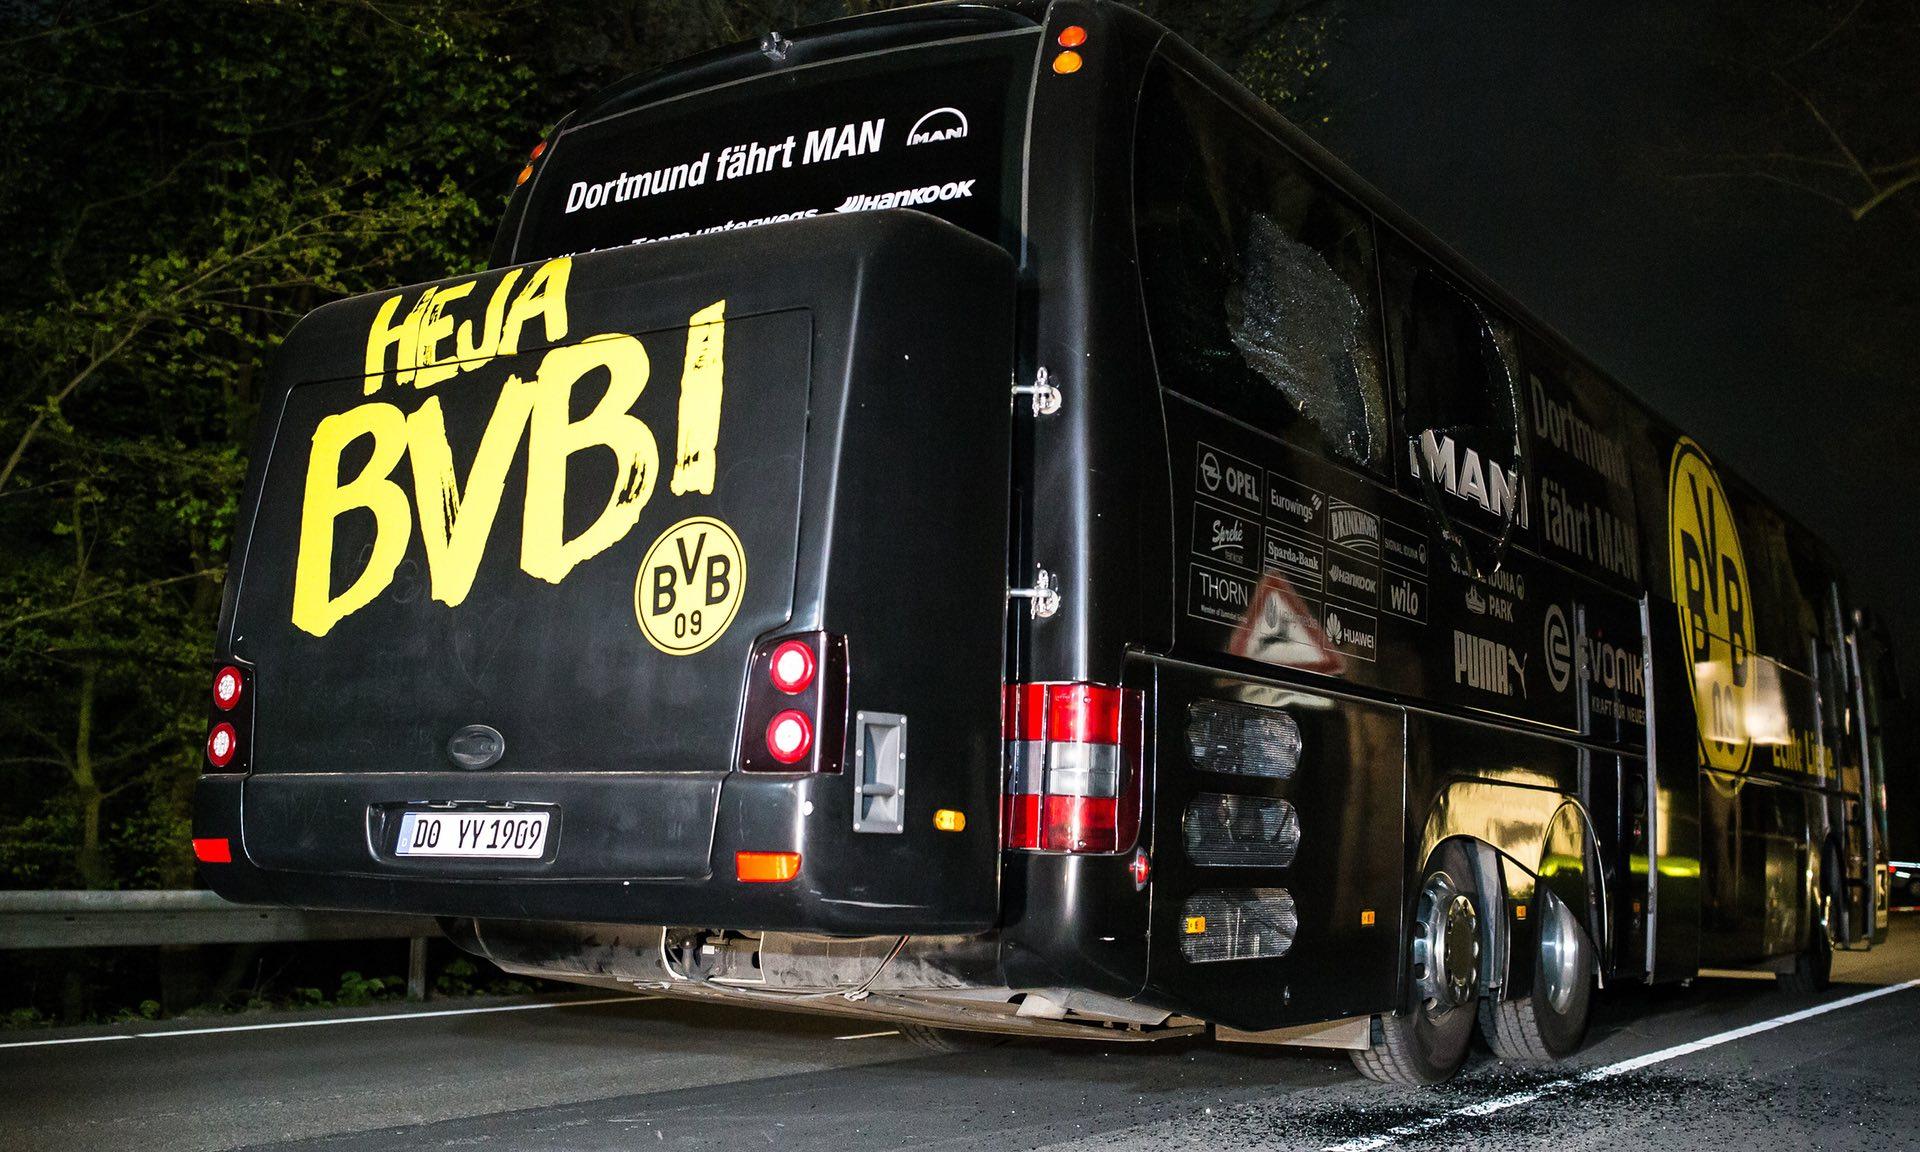 Attentato di Dortmund, arrestato 28enne tedesco: il piano era far crollare il Borussia in borsa